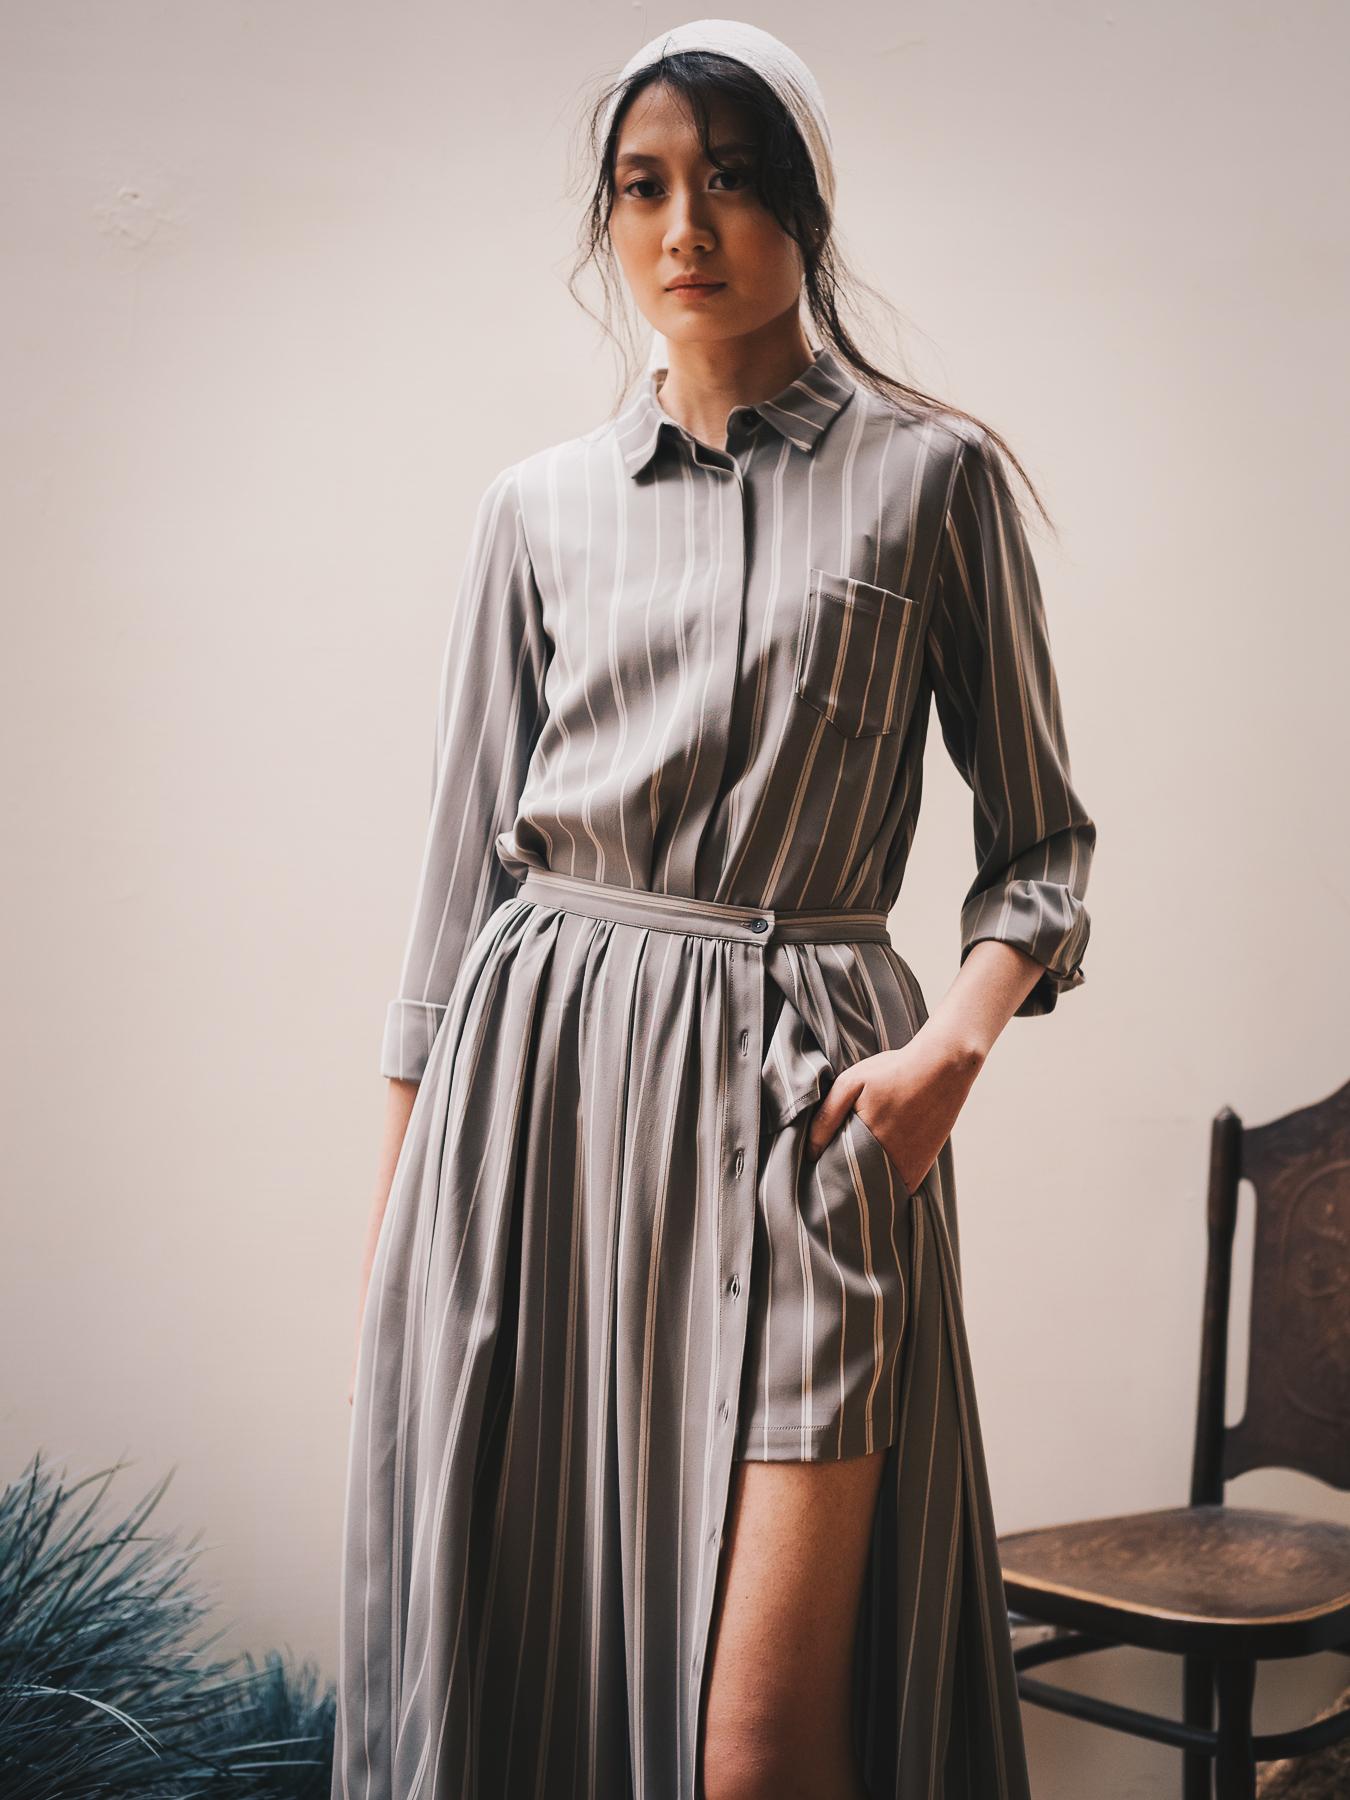 Ullnaka Dress Code 2018 - Olympus E-M1MarkII 2512 - Yes! Please Enjoy-25.jpg